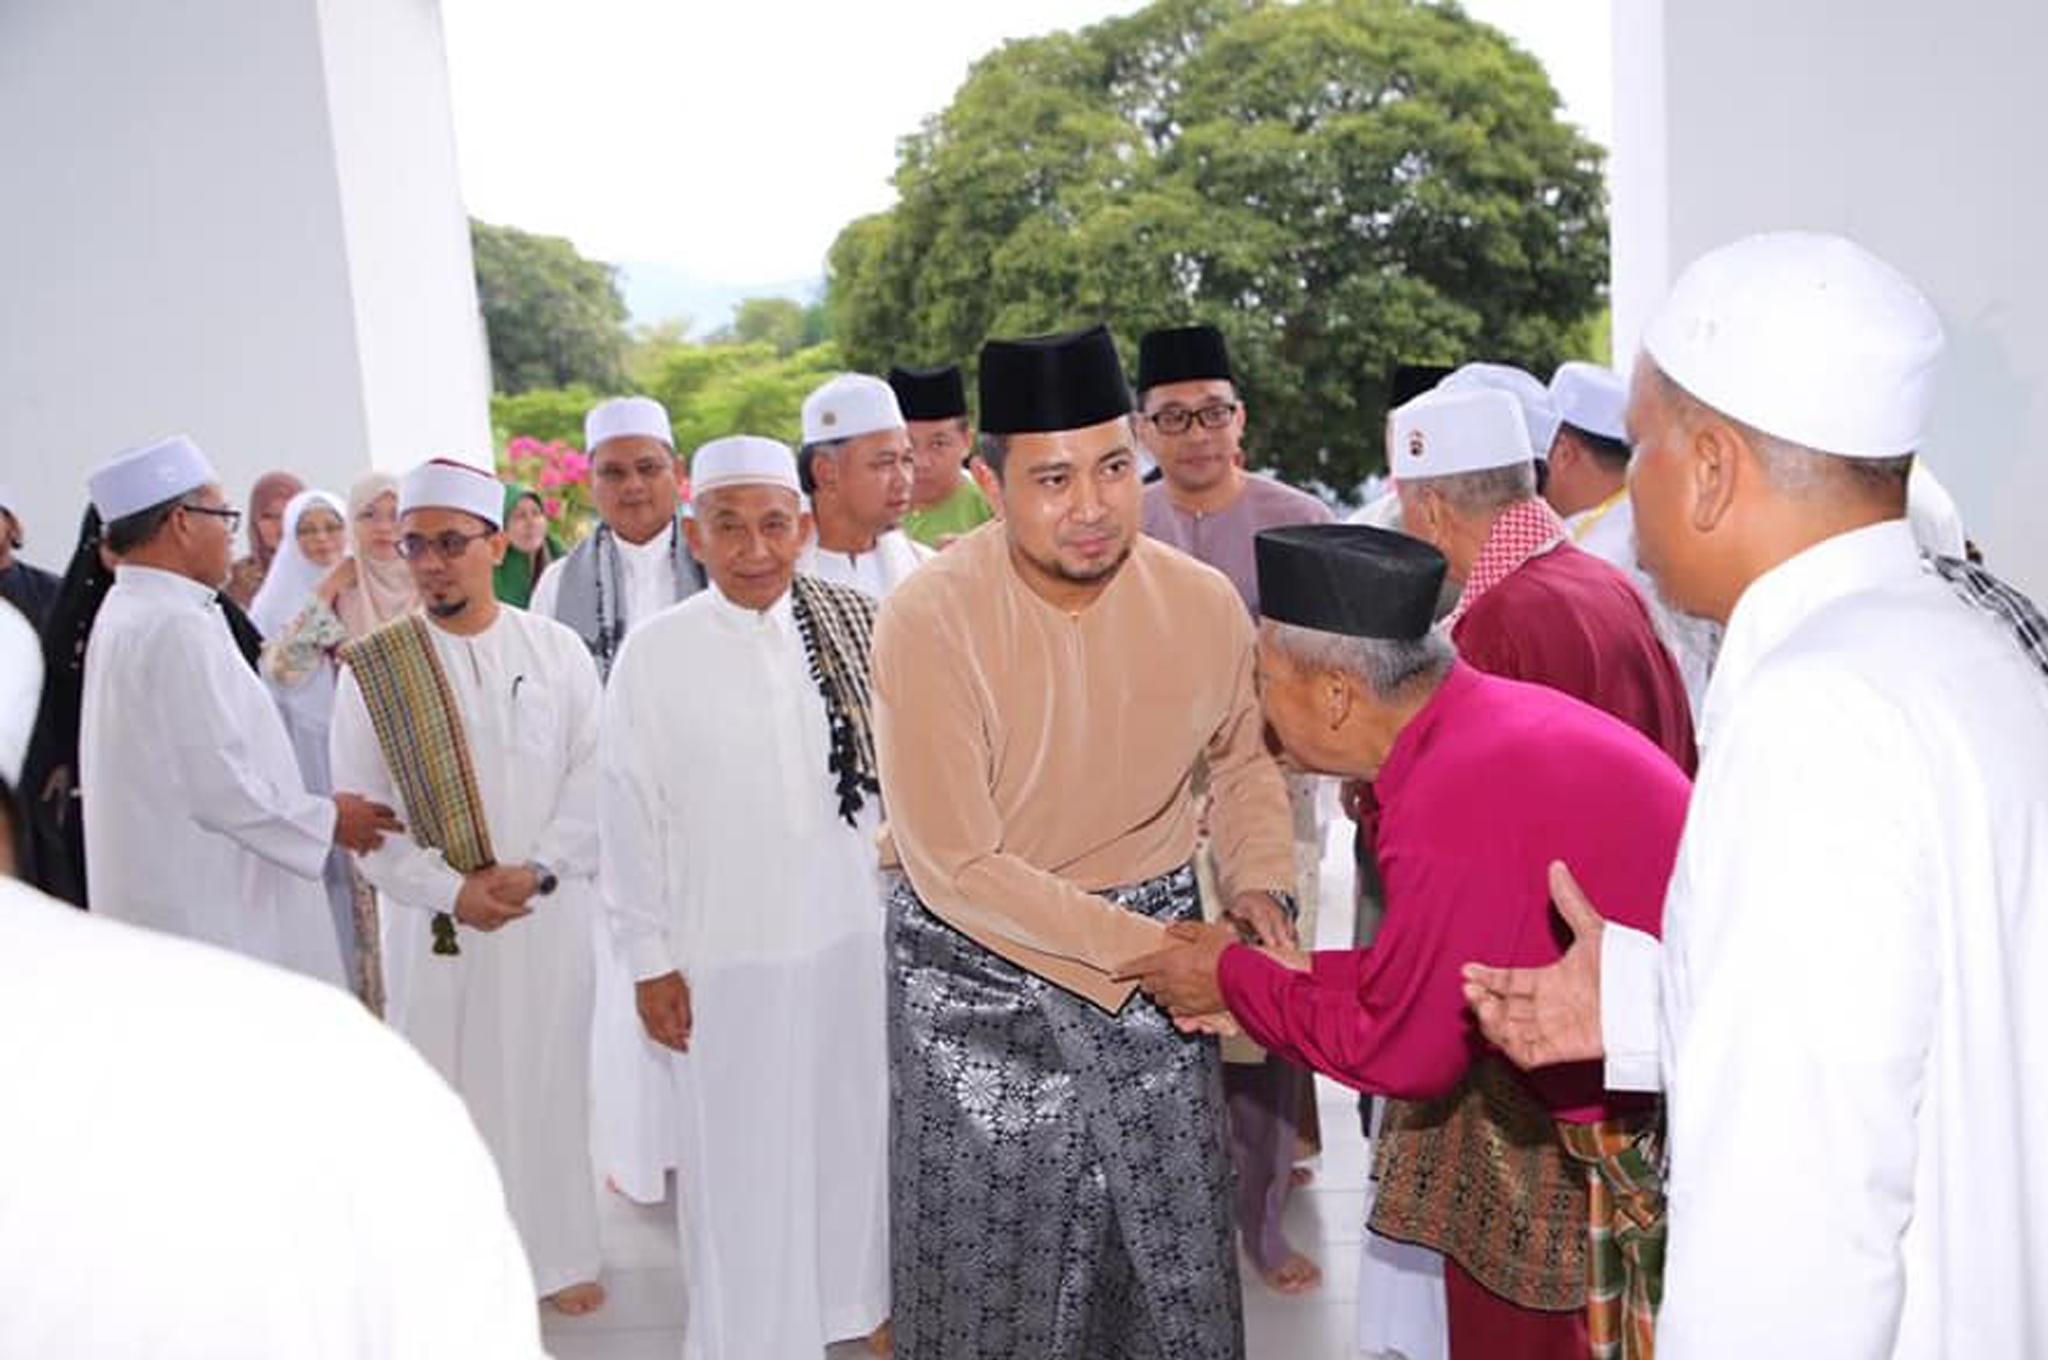 Majlis Zikir Perdana Tazkiyah Nafs Peringkat Negeri Johor Tahun 2019M/1440H.